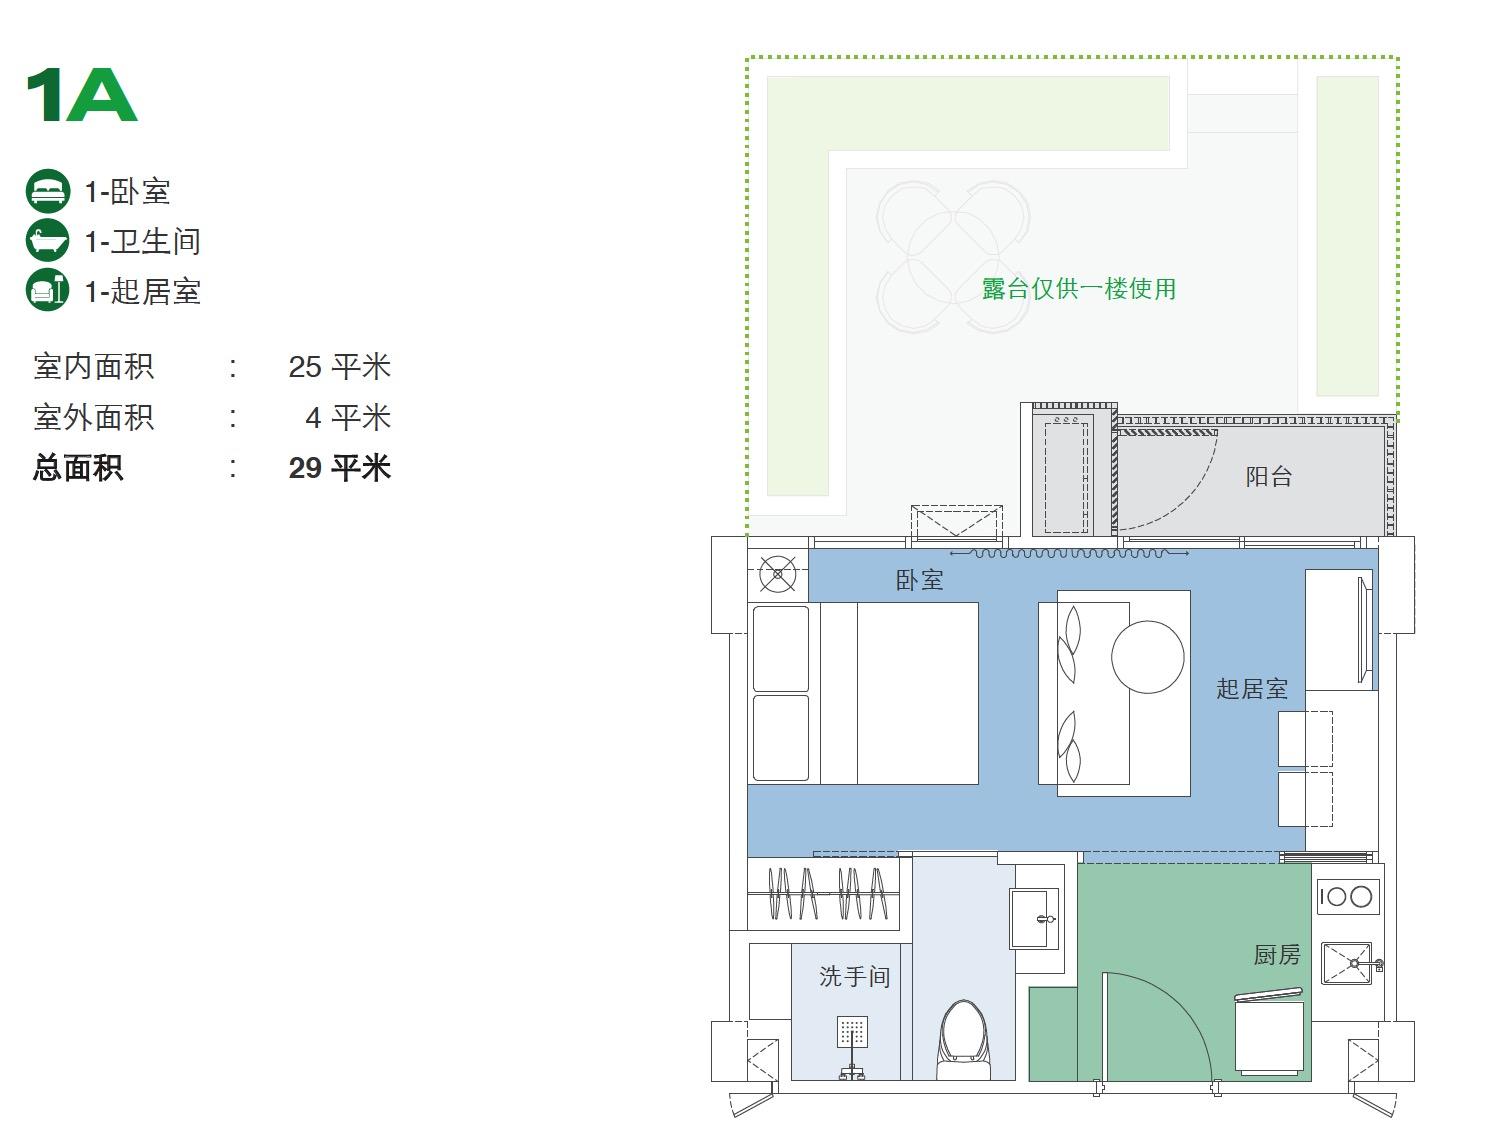 悦榕集团 普吉乐古浪邦涛海滩 SKYPARK 海天苑 邻海滩度假公寓